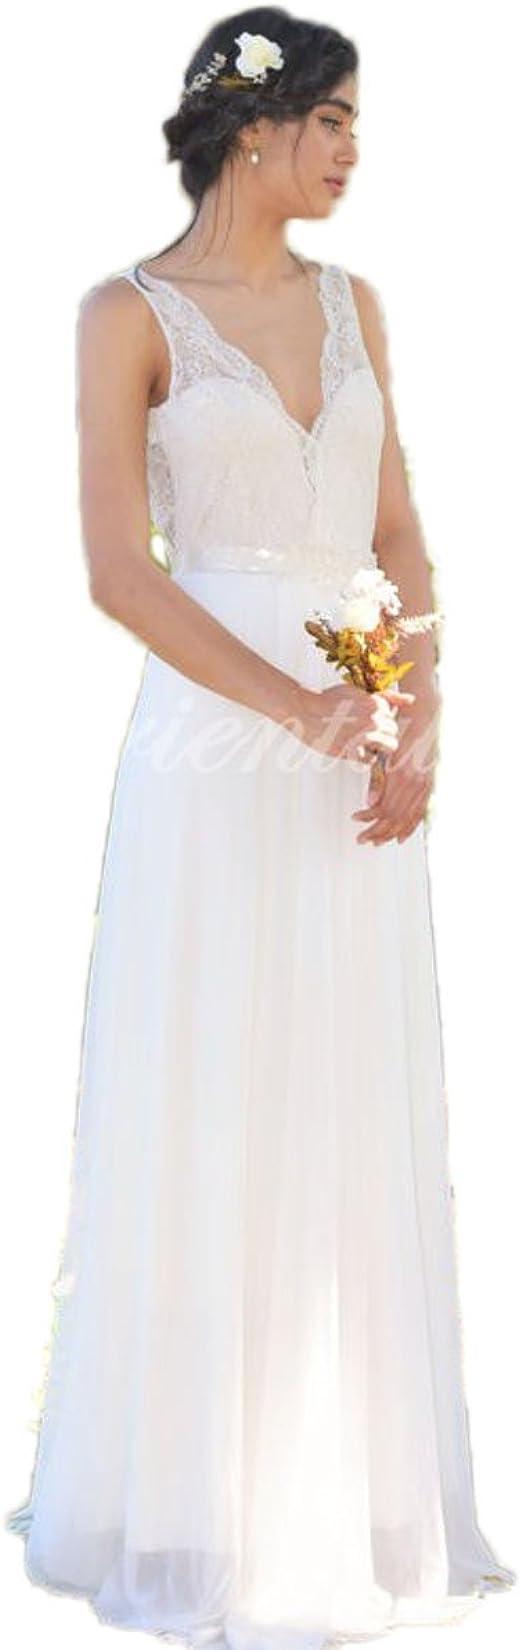 CoCogirls Jahrgang Spitze Boho Hochzeitskleider Sommer Strand  Hochzeitskleid Braut V-Ausschnitt Rückenfrei Brautkleider